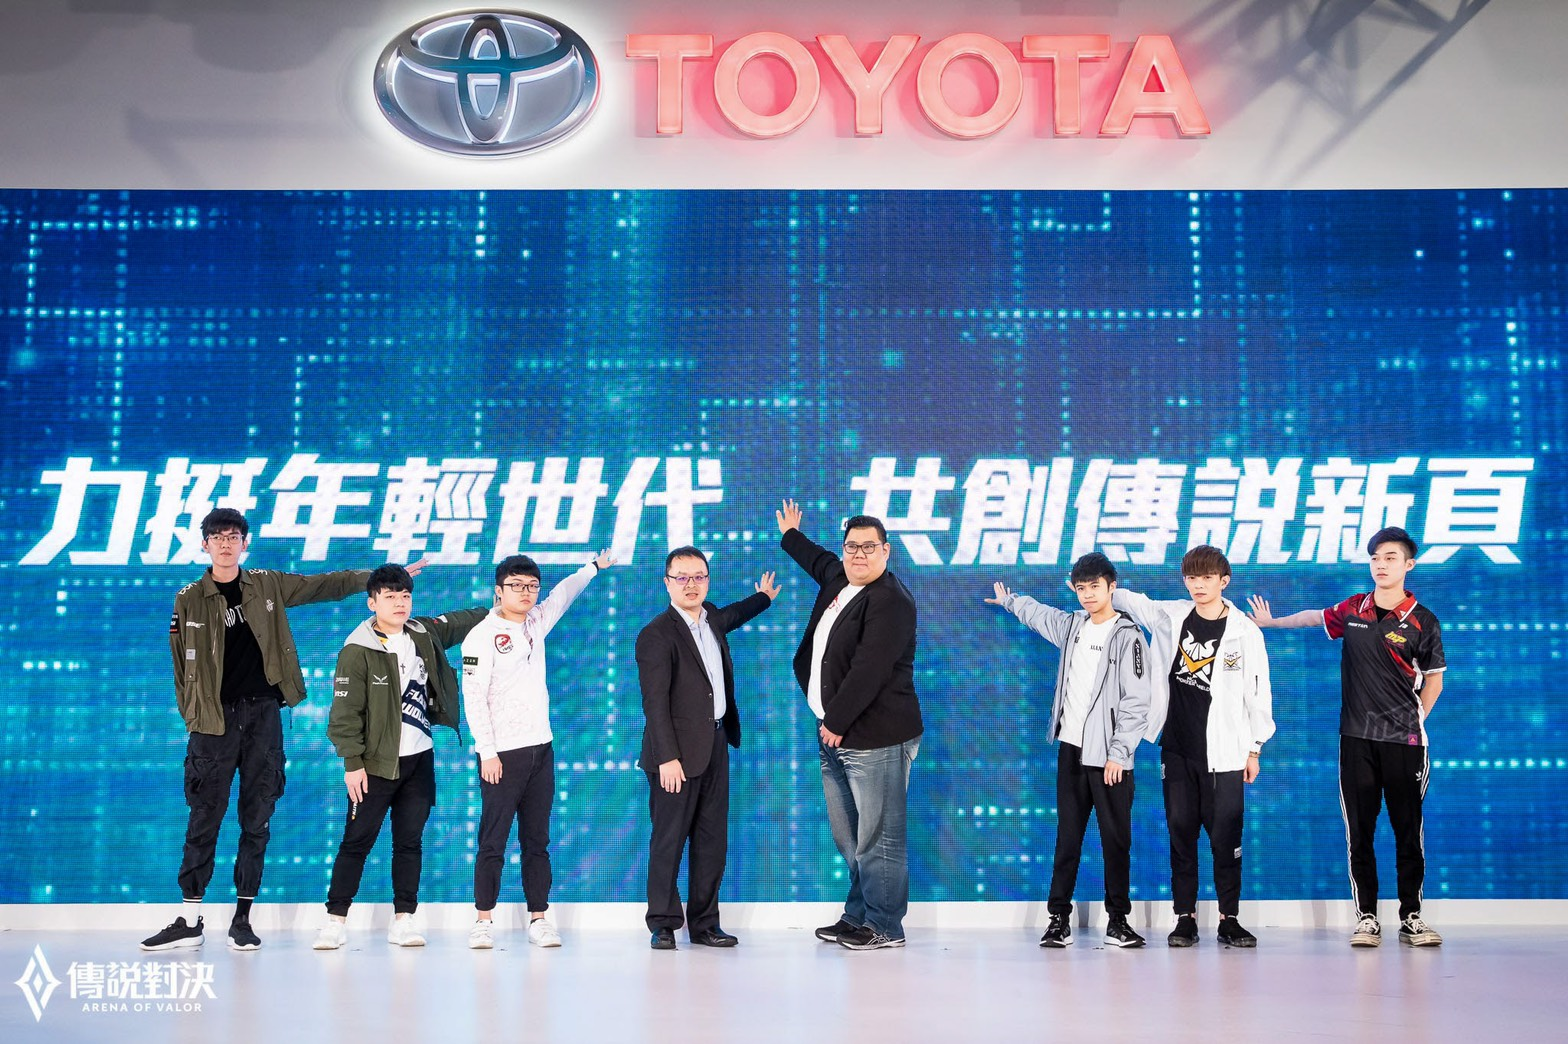 ▲TOYOTA車輛部韓志剛部長(左四)與Garena陳先倫協理(右四)及戰隊代表一同為雙方合作揭開序幕